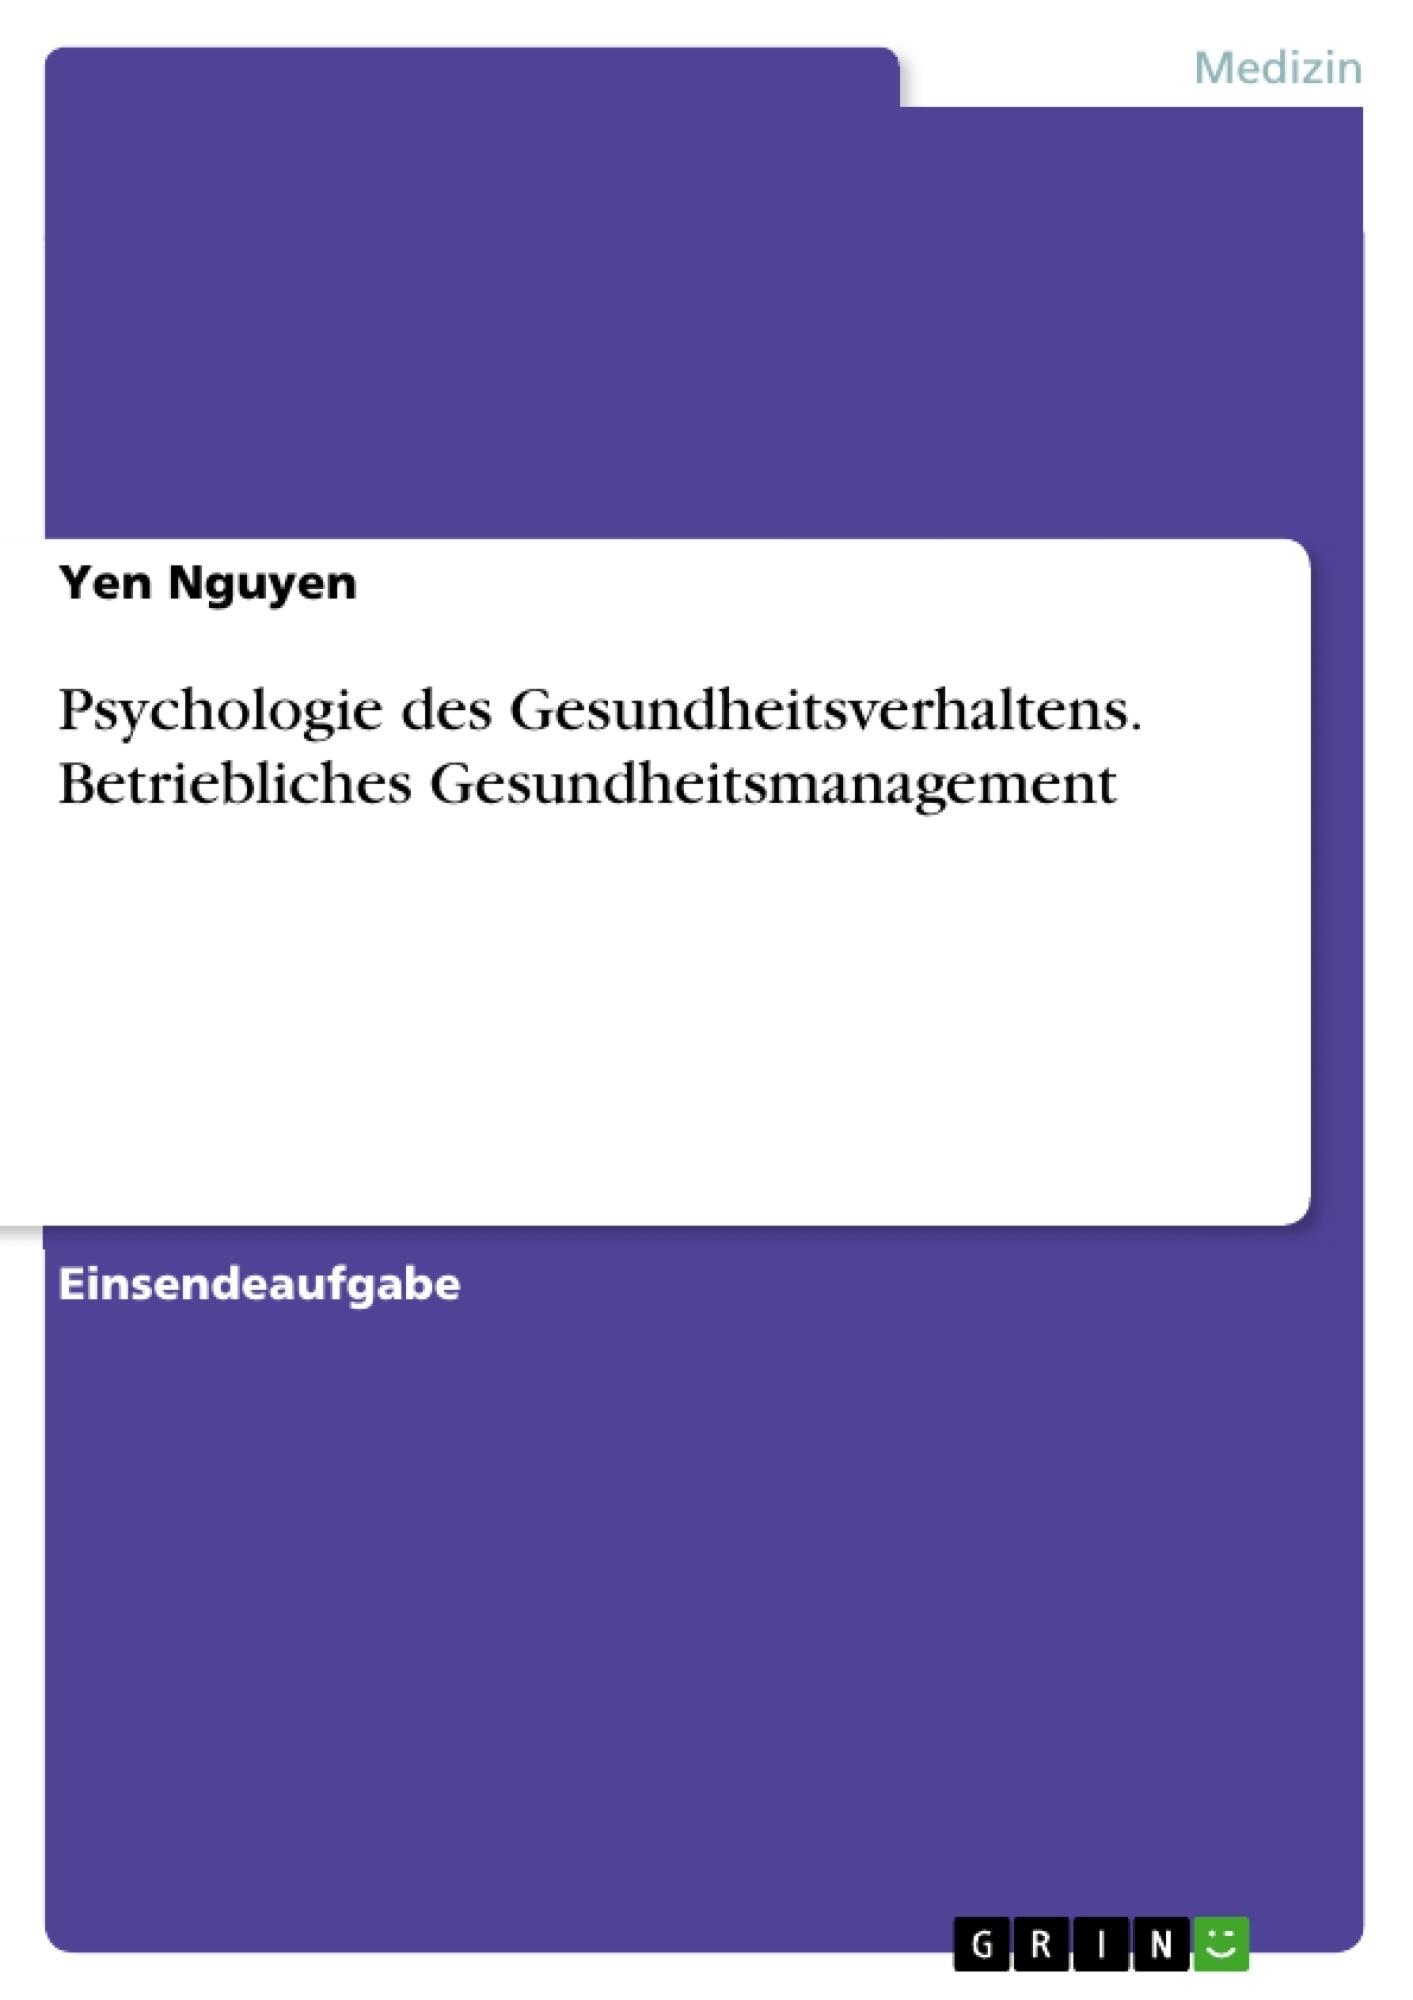 Titel: Psychologie des Gesundheitsverhaltens. Betriebliches Gesundheitsmanagement